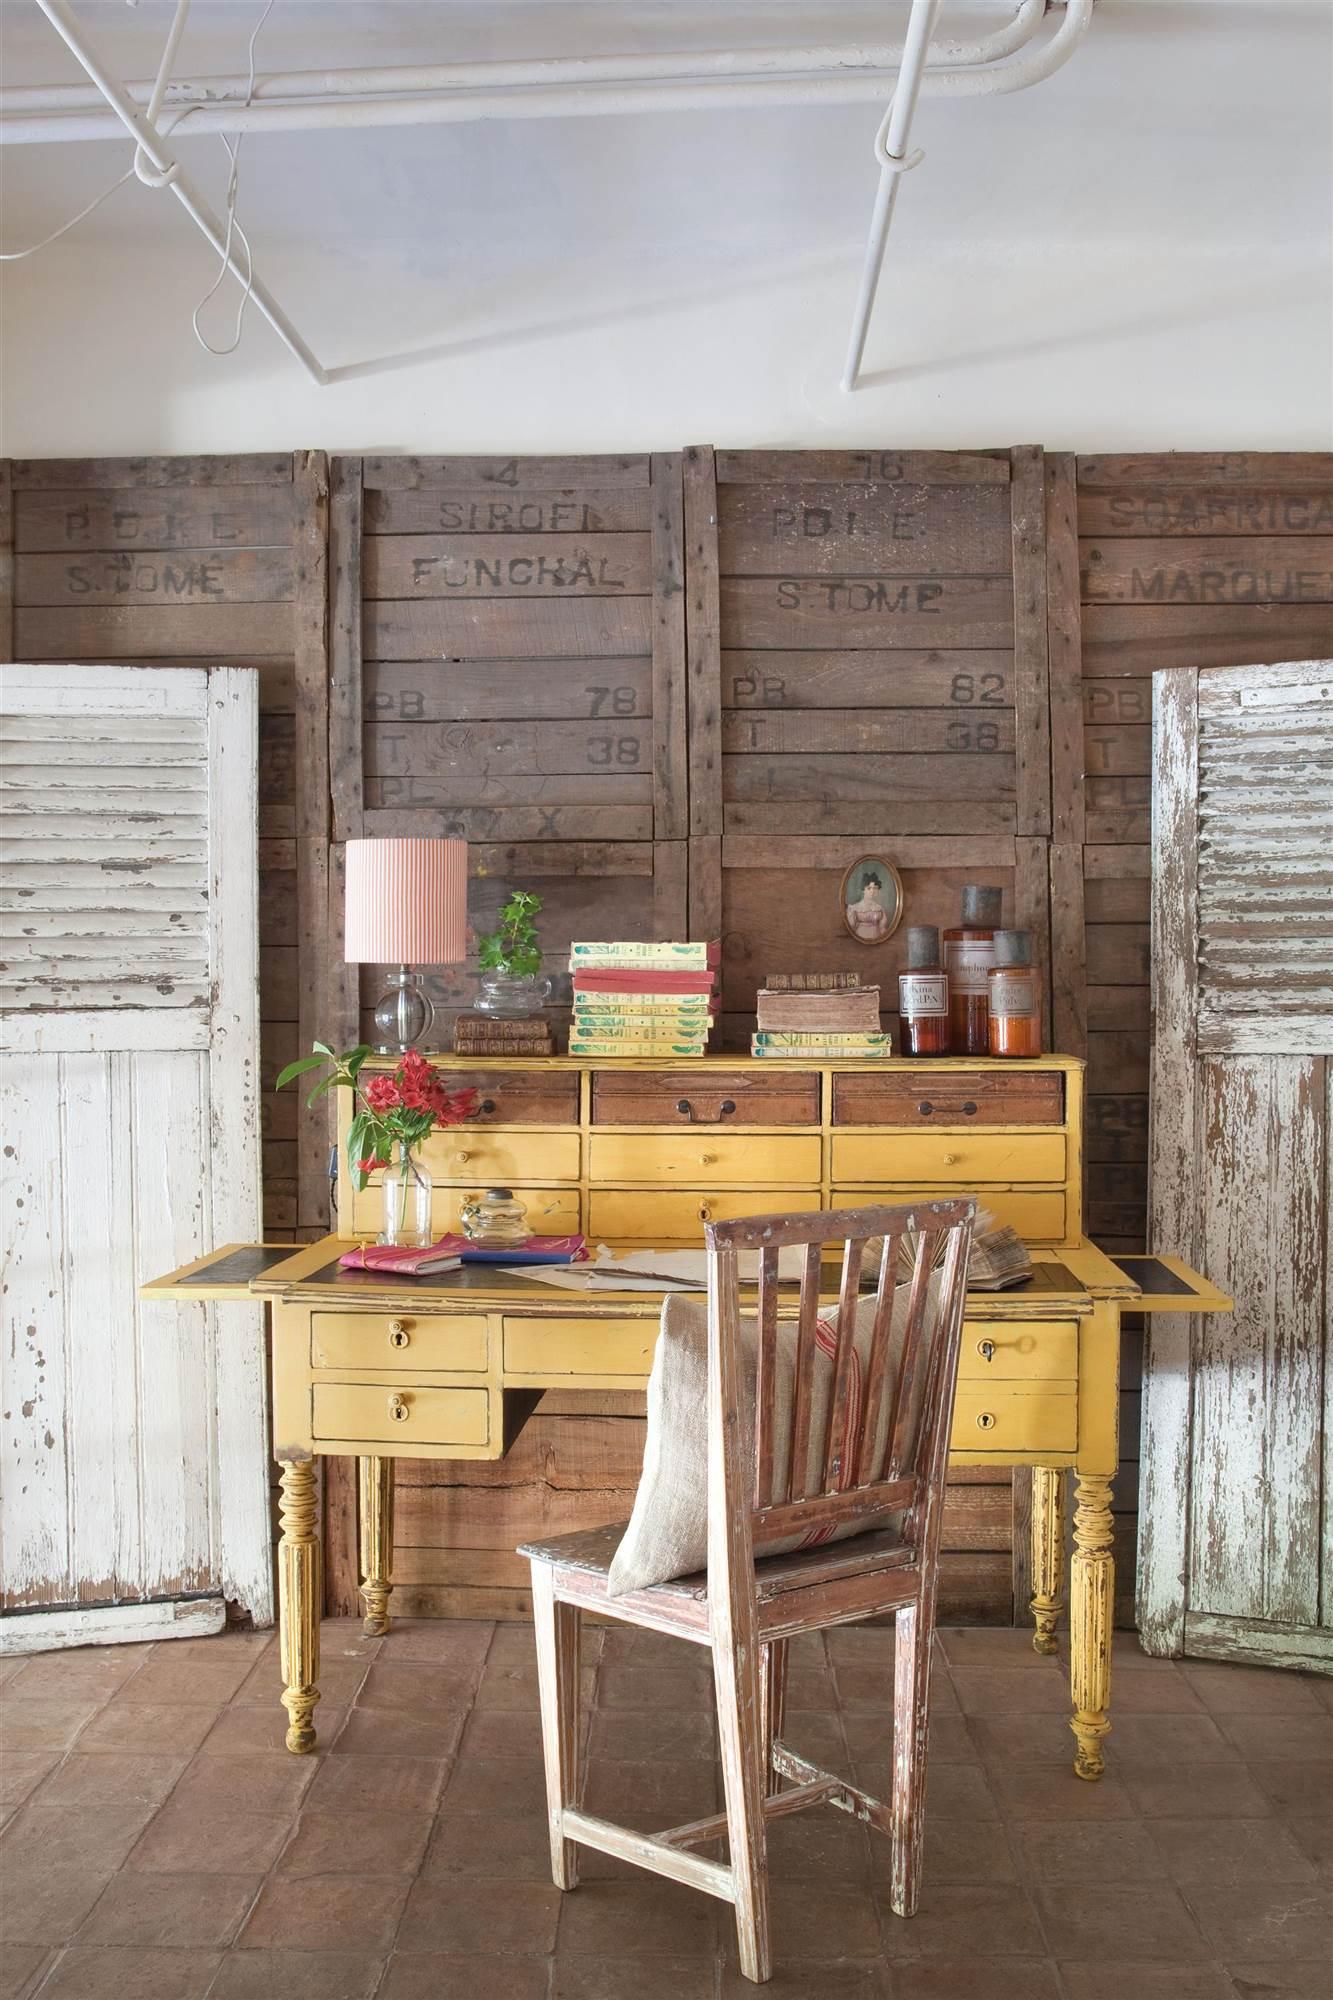 1941dee21 Muebles en pareja: ¿con qué color combina mejor la madera?